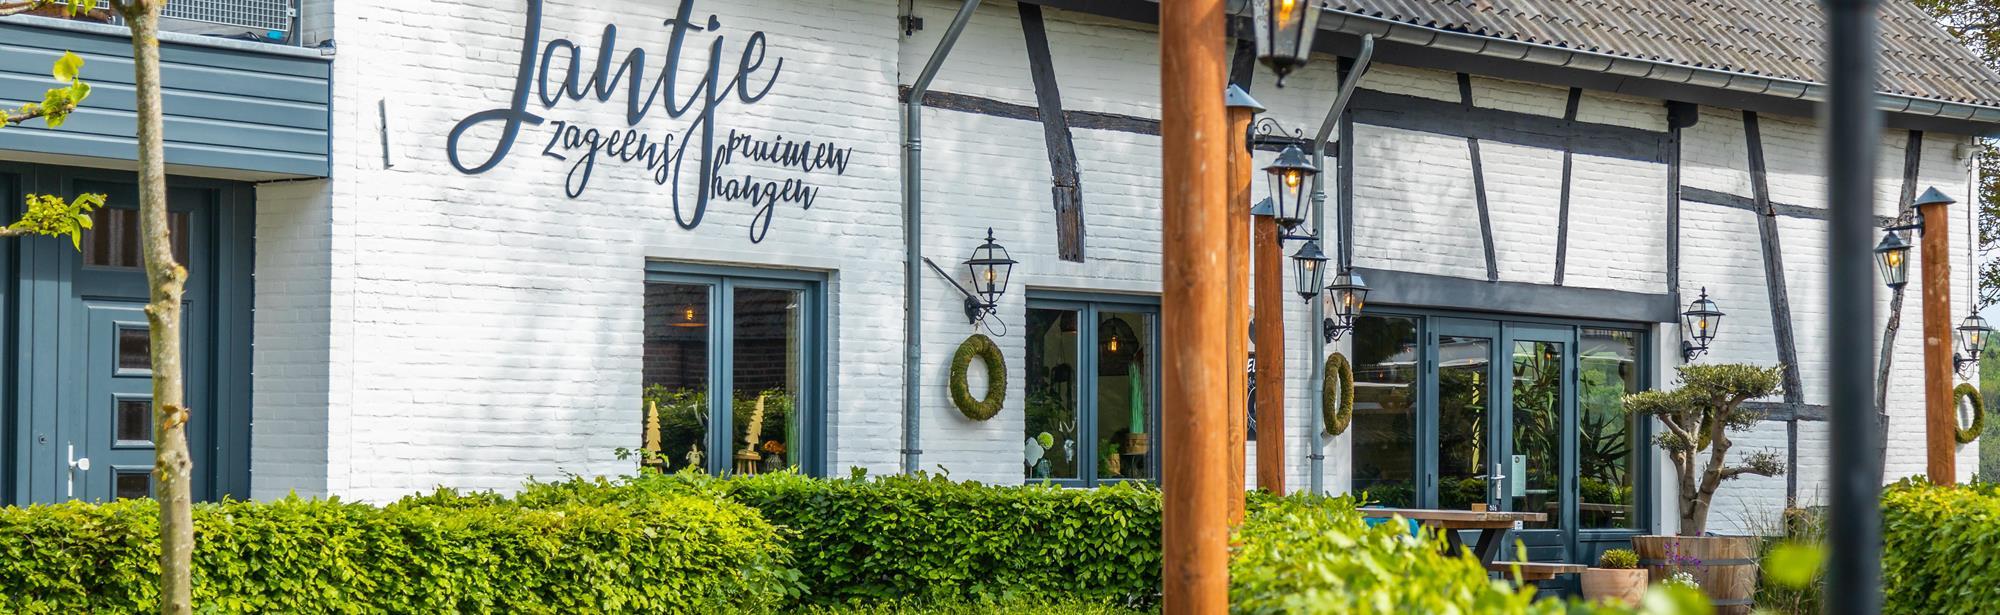 Restaurant Jantje zag eens pruimen hangen